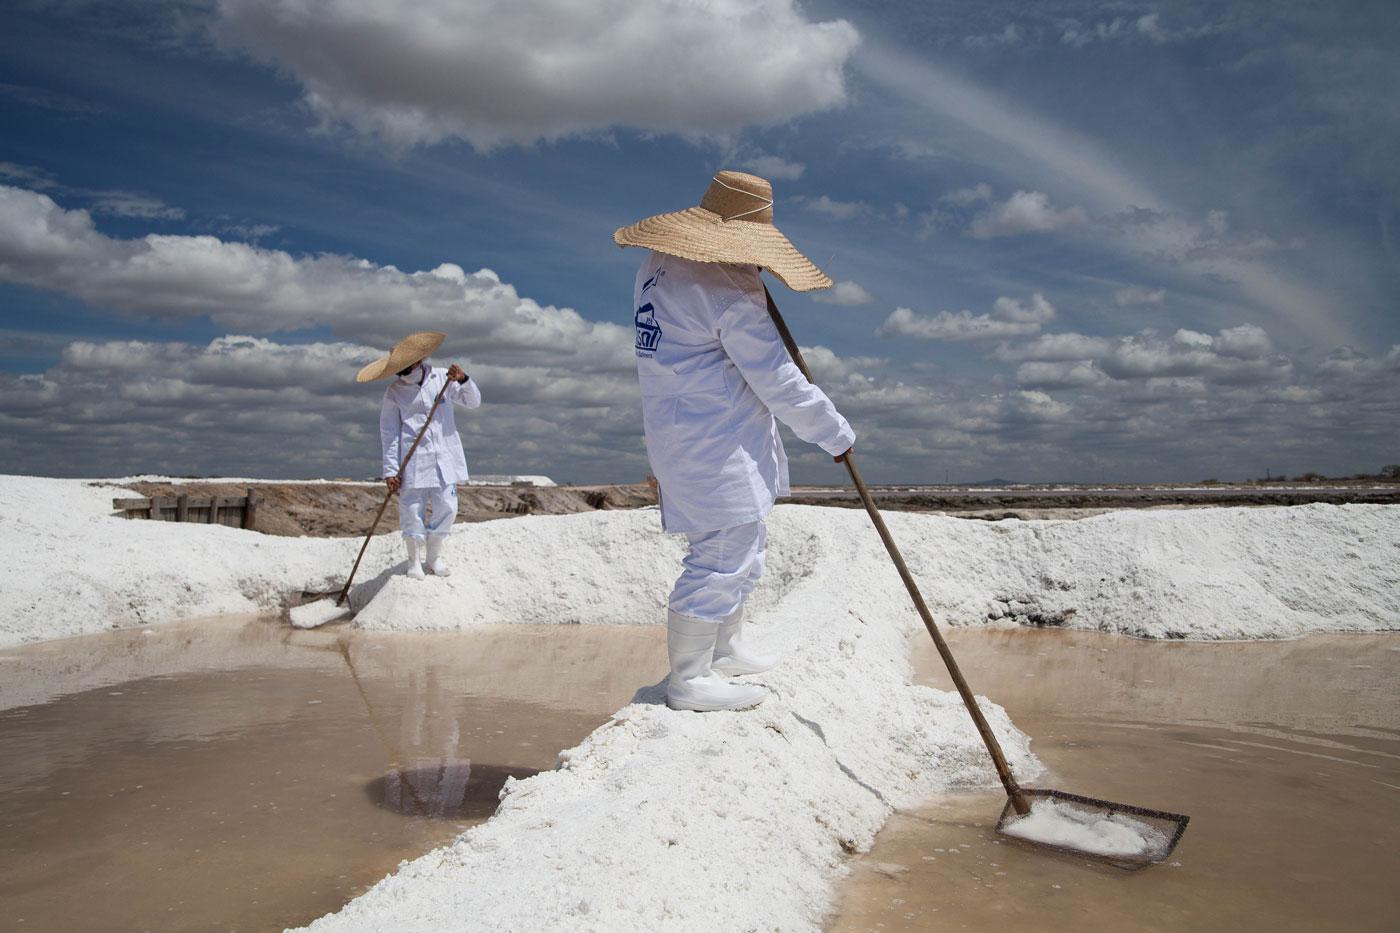 la sal Sal(del lat sal) 1 s f cocina sustancia blanca, cristalina y de sabor característico, compuesta de cloro y sodio, usada como condimento la sopa está sosa, échale más .